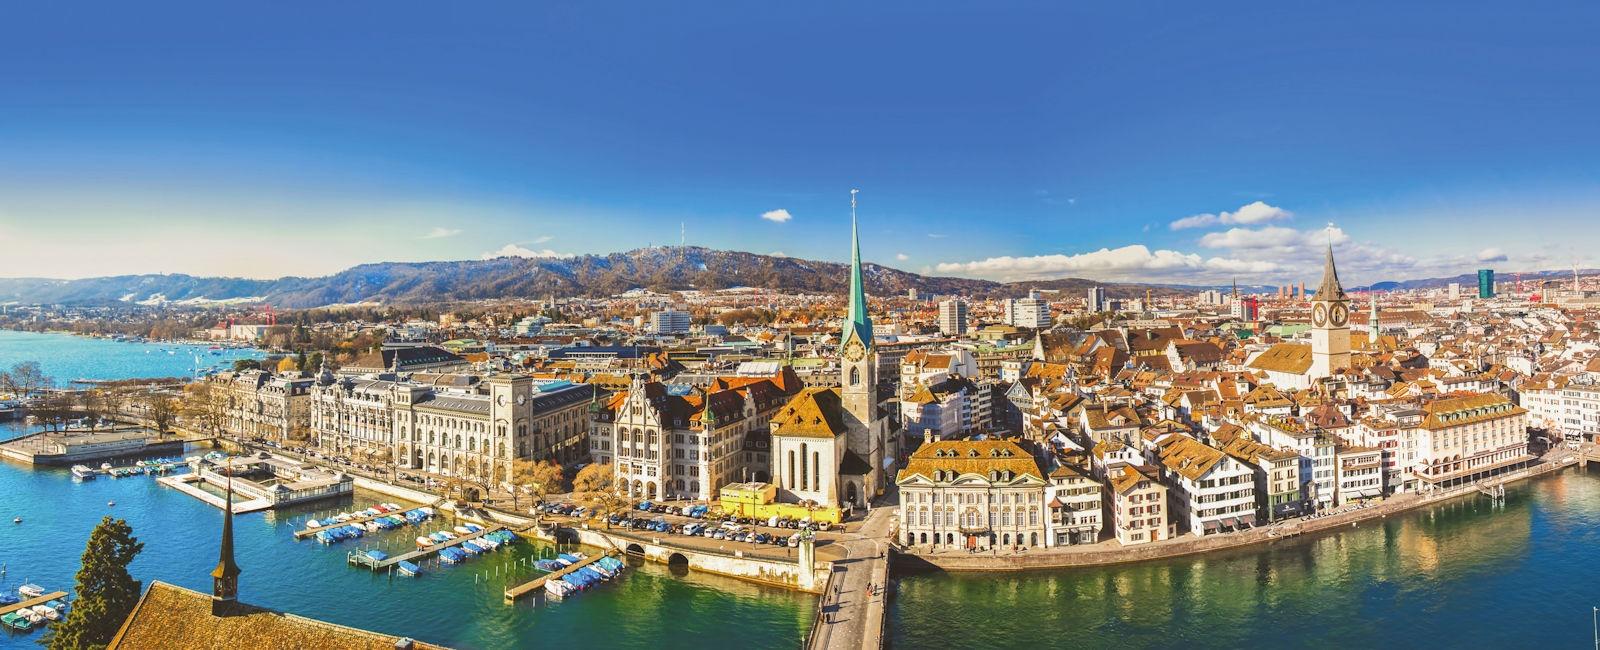 Luxury Zurich Holidays